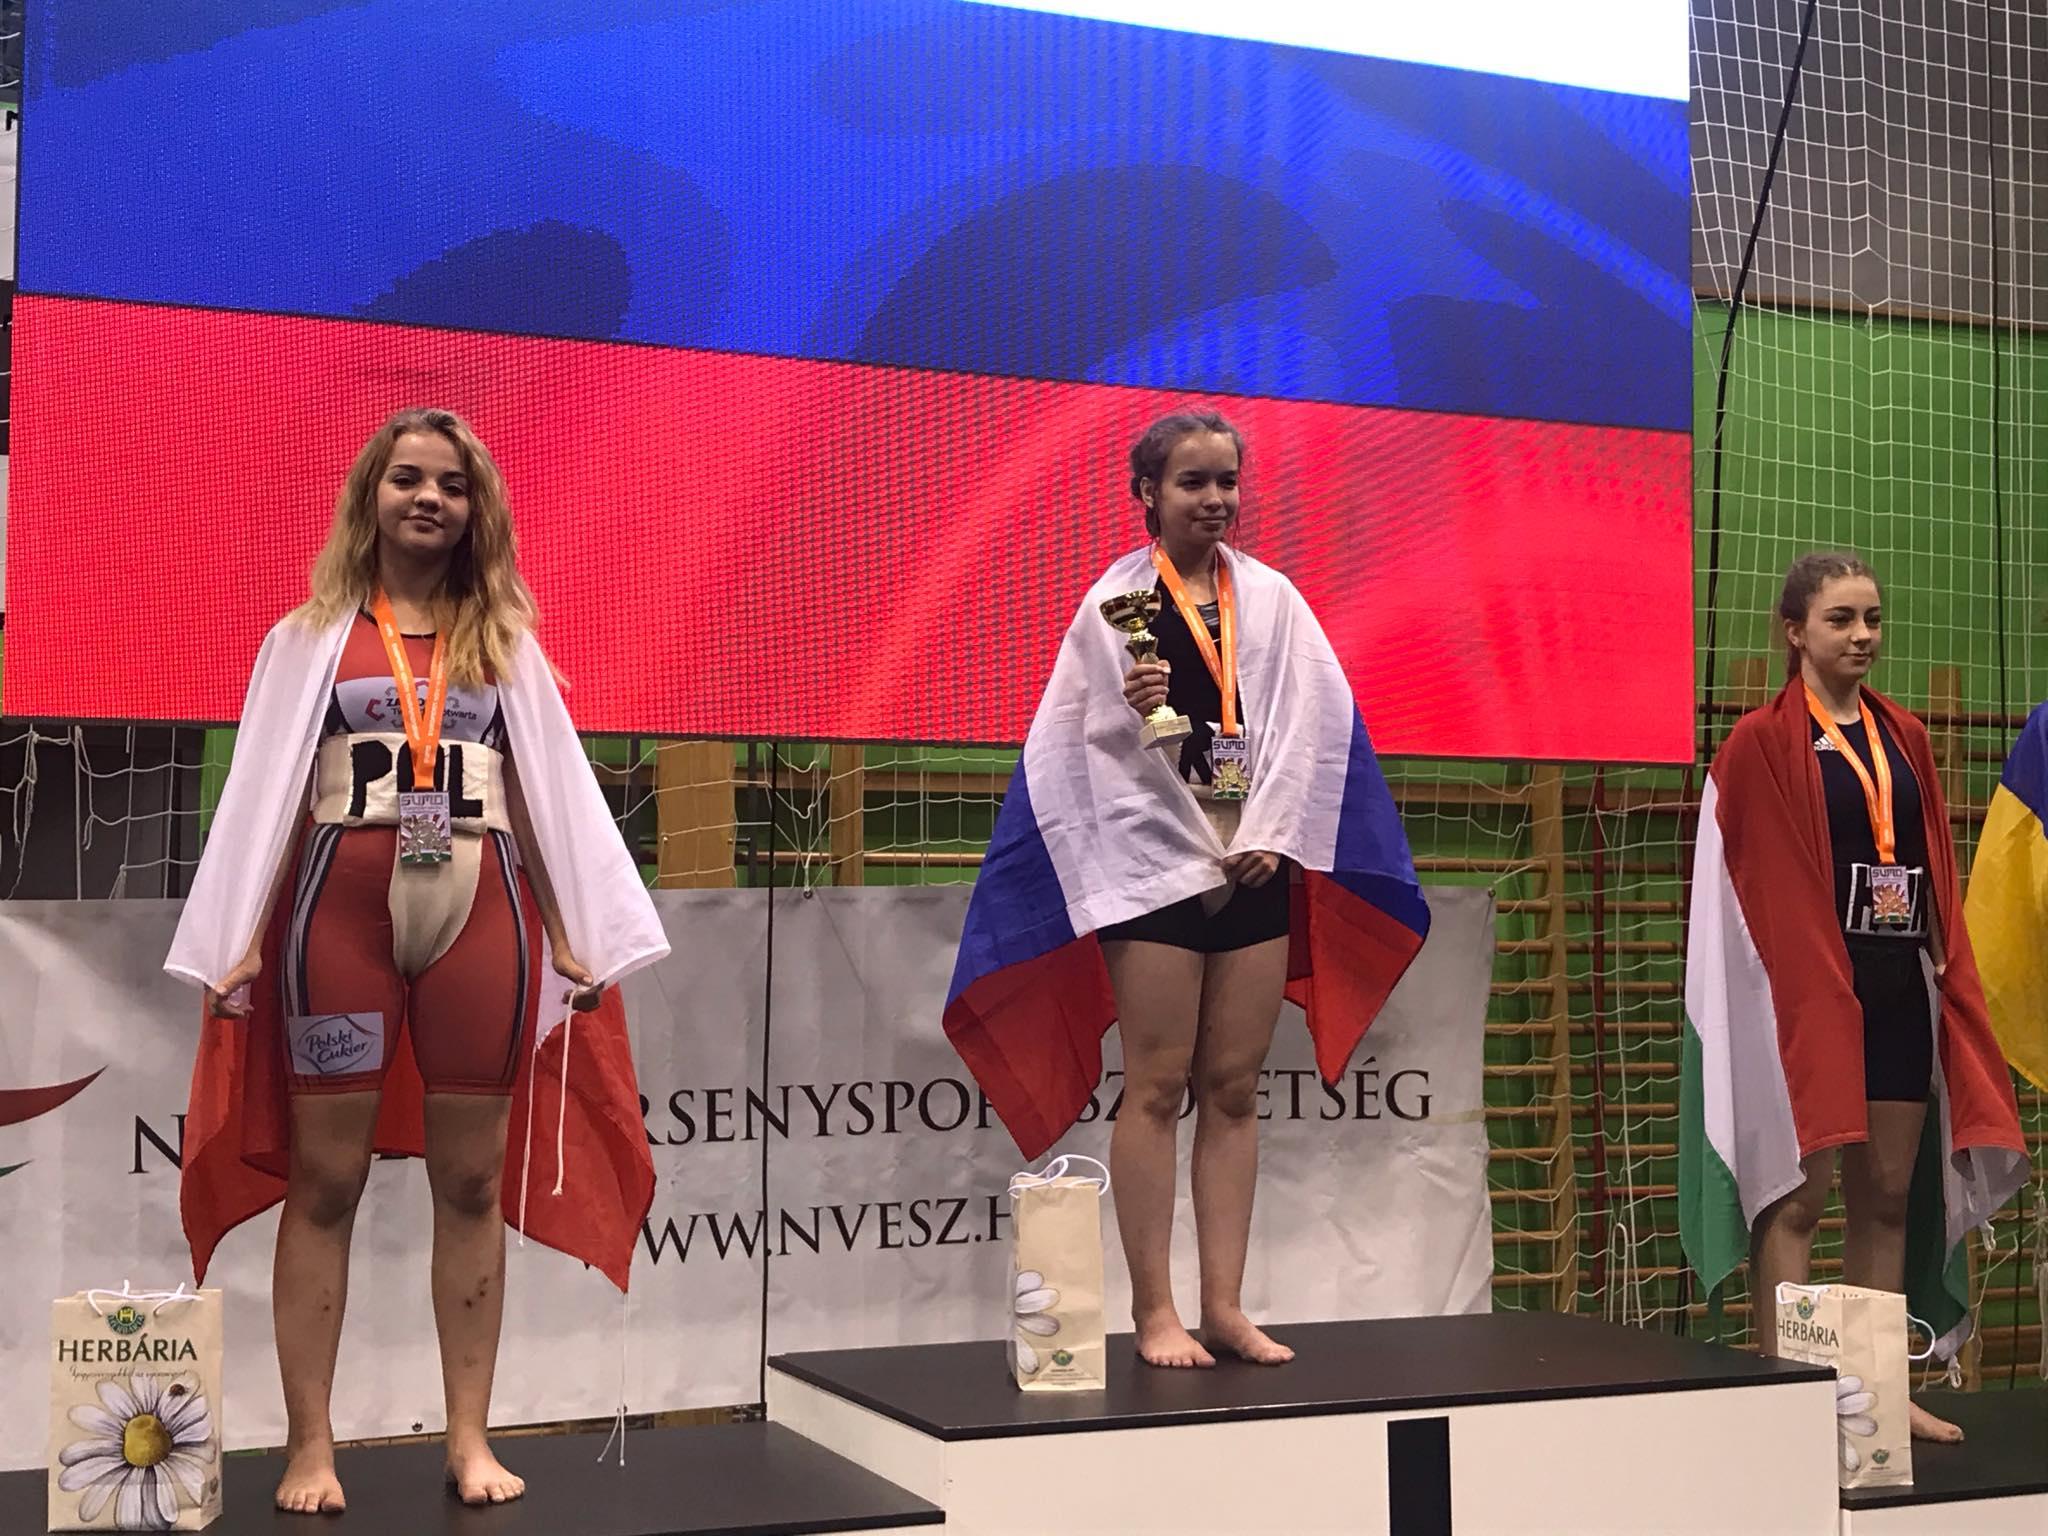 71676653 1148061258721337 34365897351102464 n Zawodnicy Agrosu przywieźli z Węgier trzy medale!